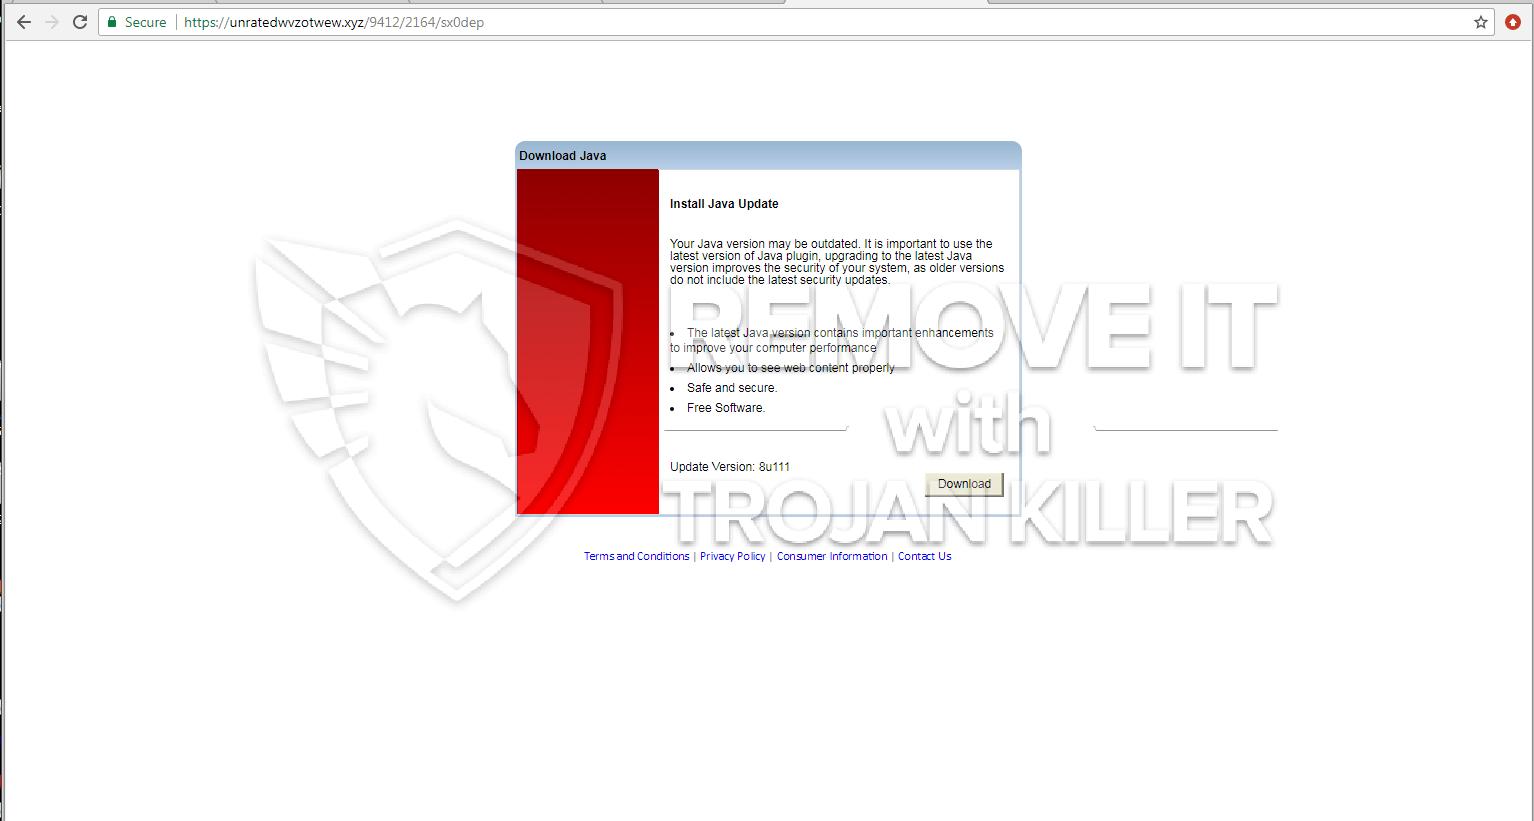 remove Unratedwvzotwew.xyz virus